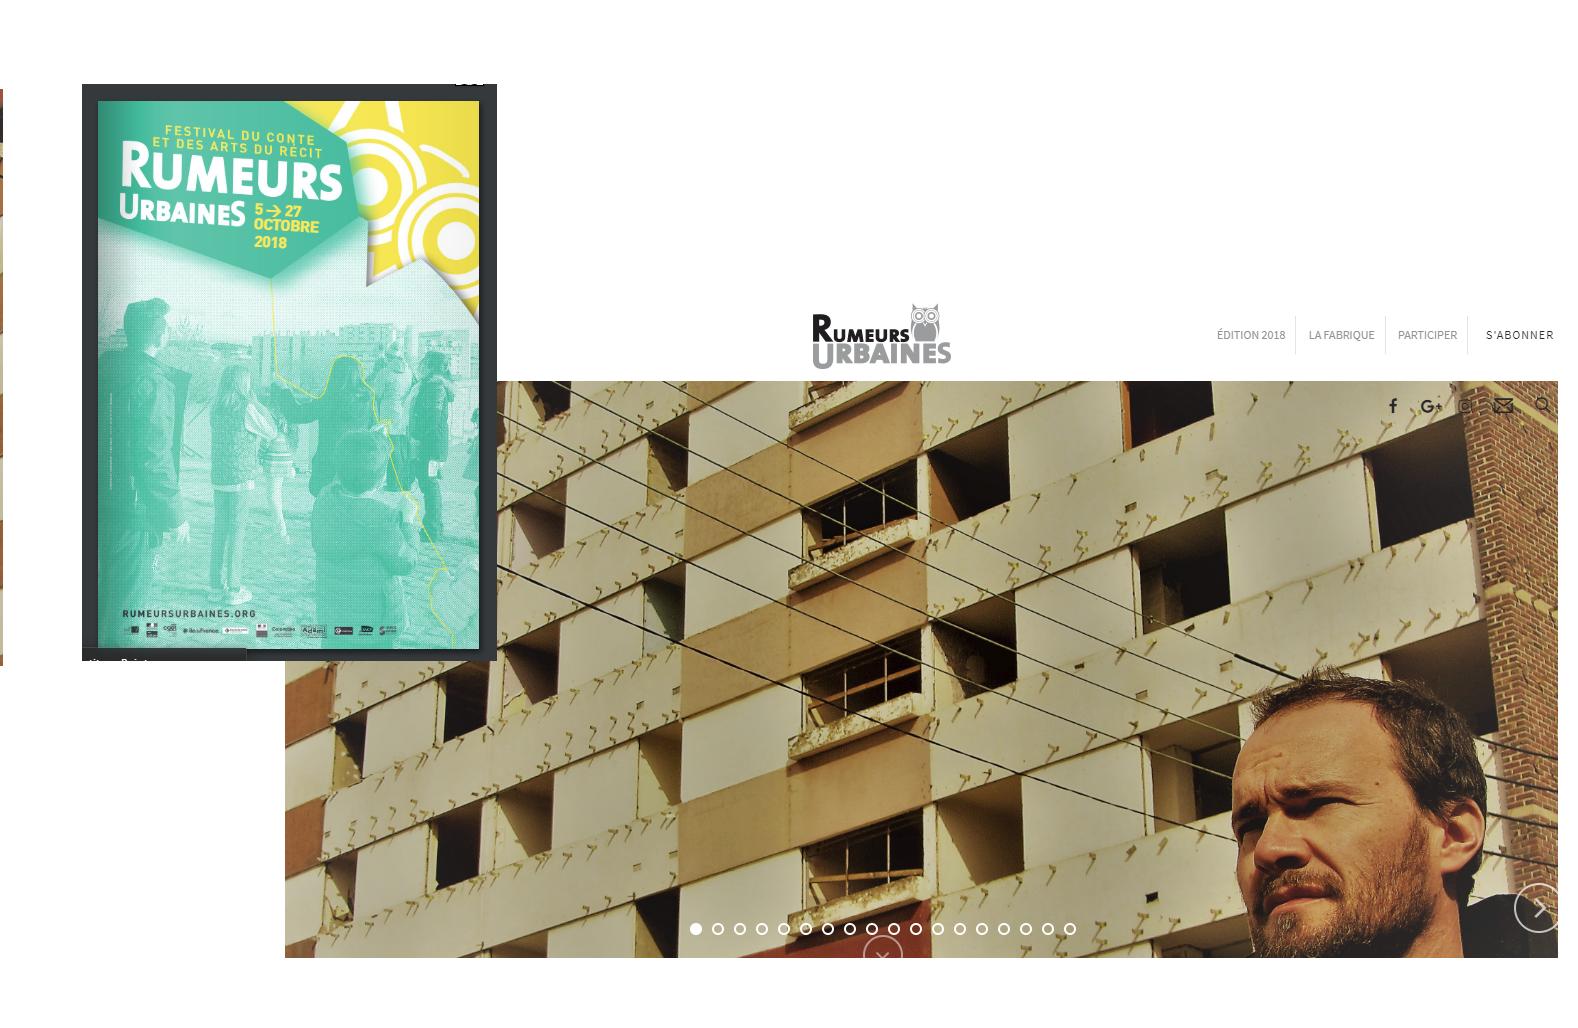 RUMEURS URBAINES : DEMANDEZ LE PROGRAMME !!